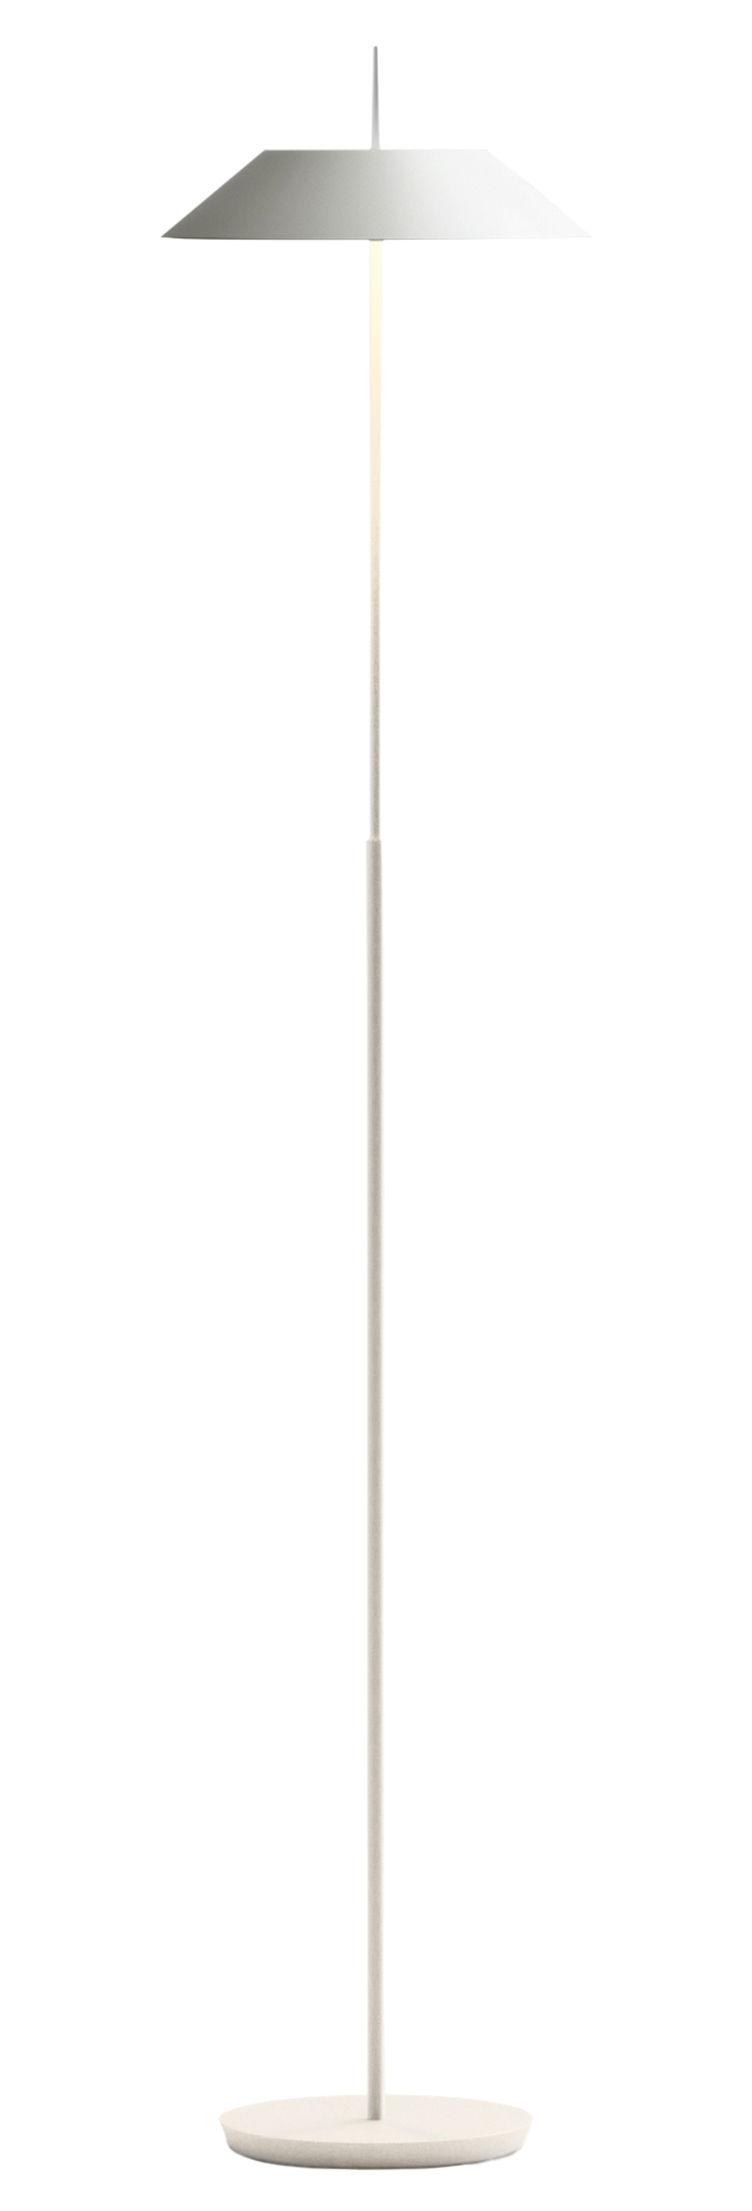 Luminaire - Lampadaires - Lampadaire Mayfair LED / H 147 cm - Vibia - Blanc mat - Acier, Polycarbonate, Zamak